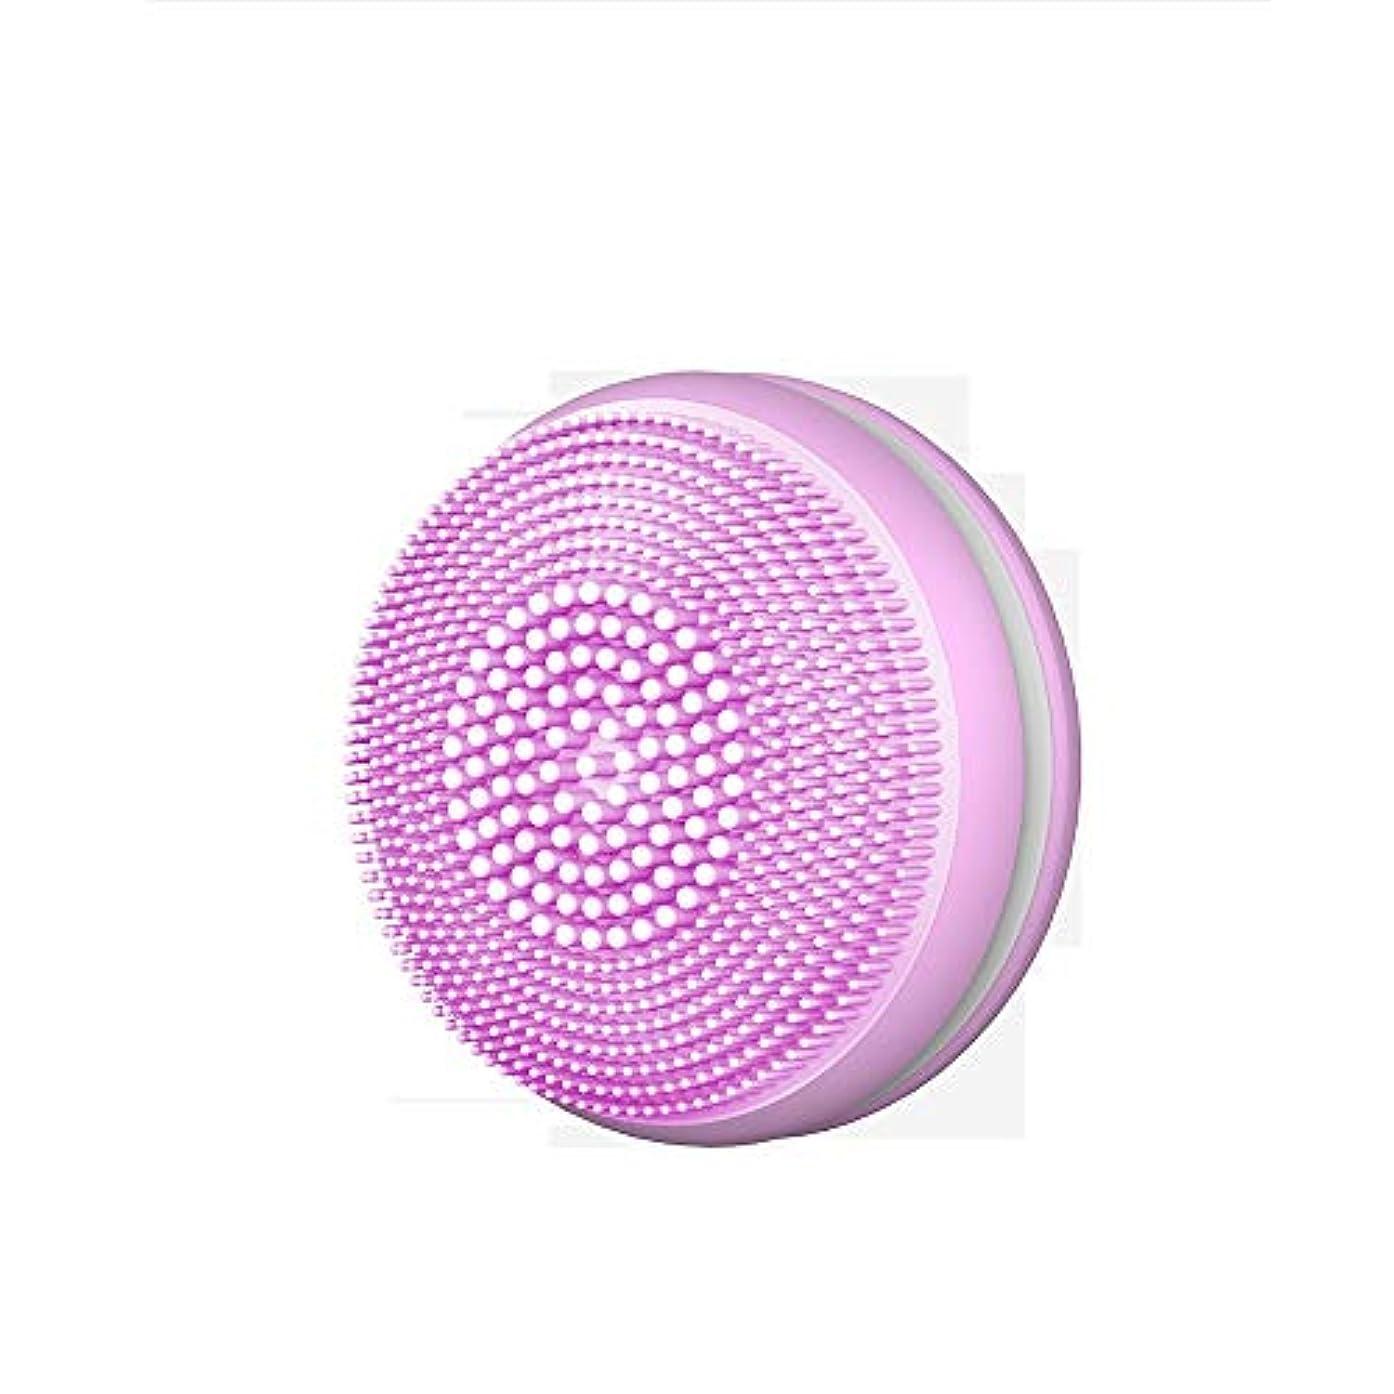 おもちゃなめらかオペレーターZXF 新しいマカロン形状シリコーンクリーナー電気掃除毛穴美容器具ミニ超音波洗浄器具マッサージ器具 滑らかである (色 : Pink)